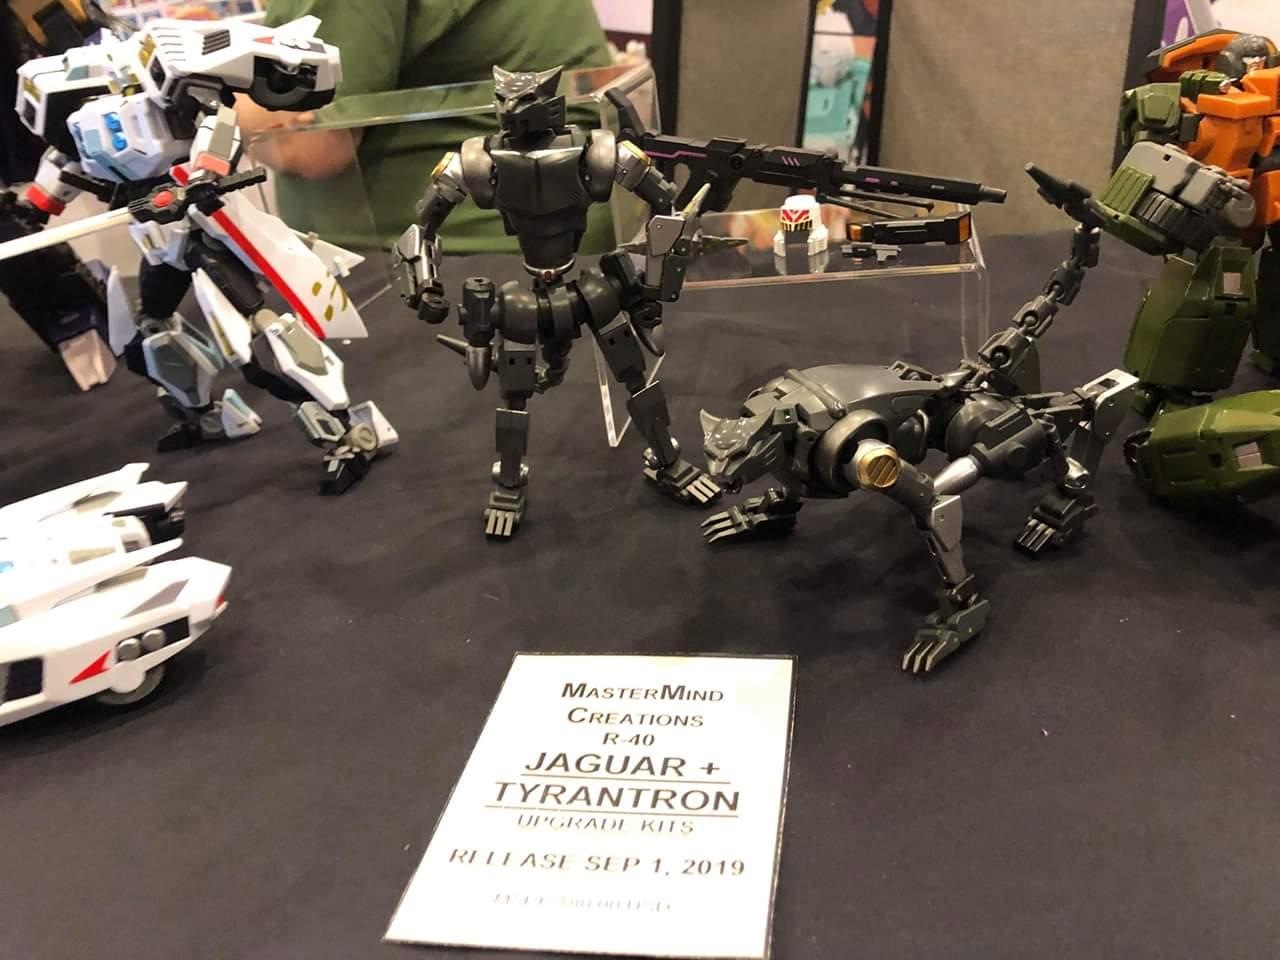 [Mastermind Creations] Produit Tiers - Reformatted R-40 Jaguar et R-41 Ultio - aka Ravage/Saboteur et Ratbat/Vampiro des BD IDW ACEJRlnp_o